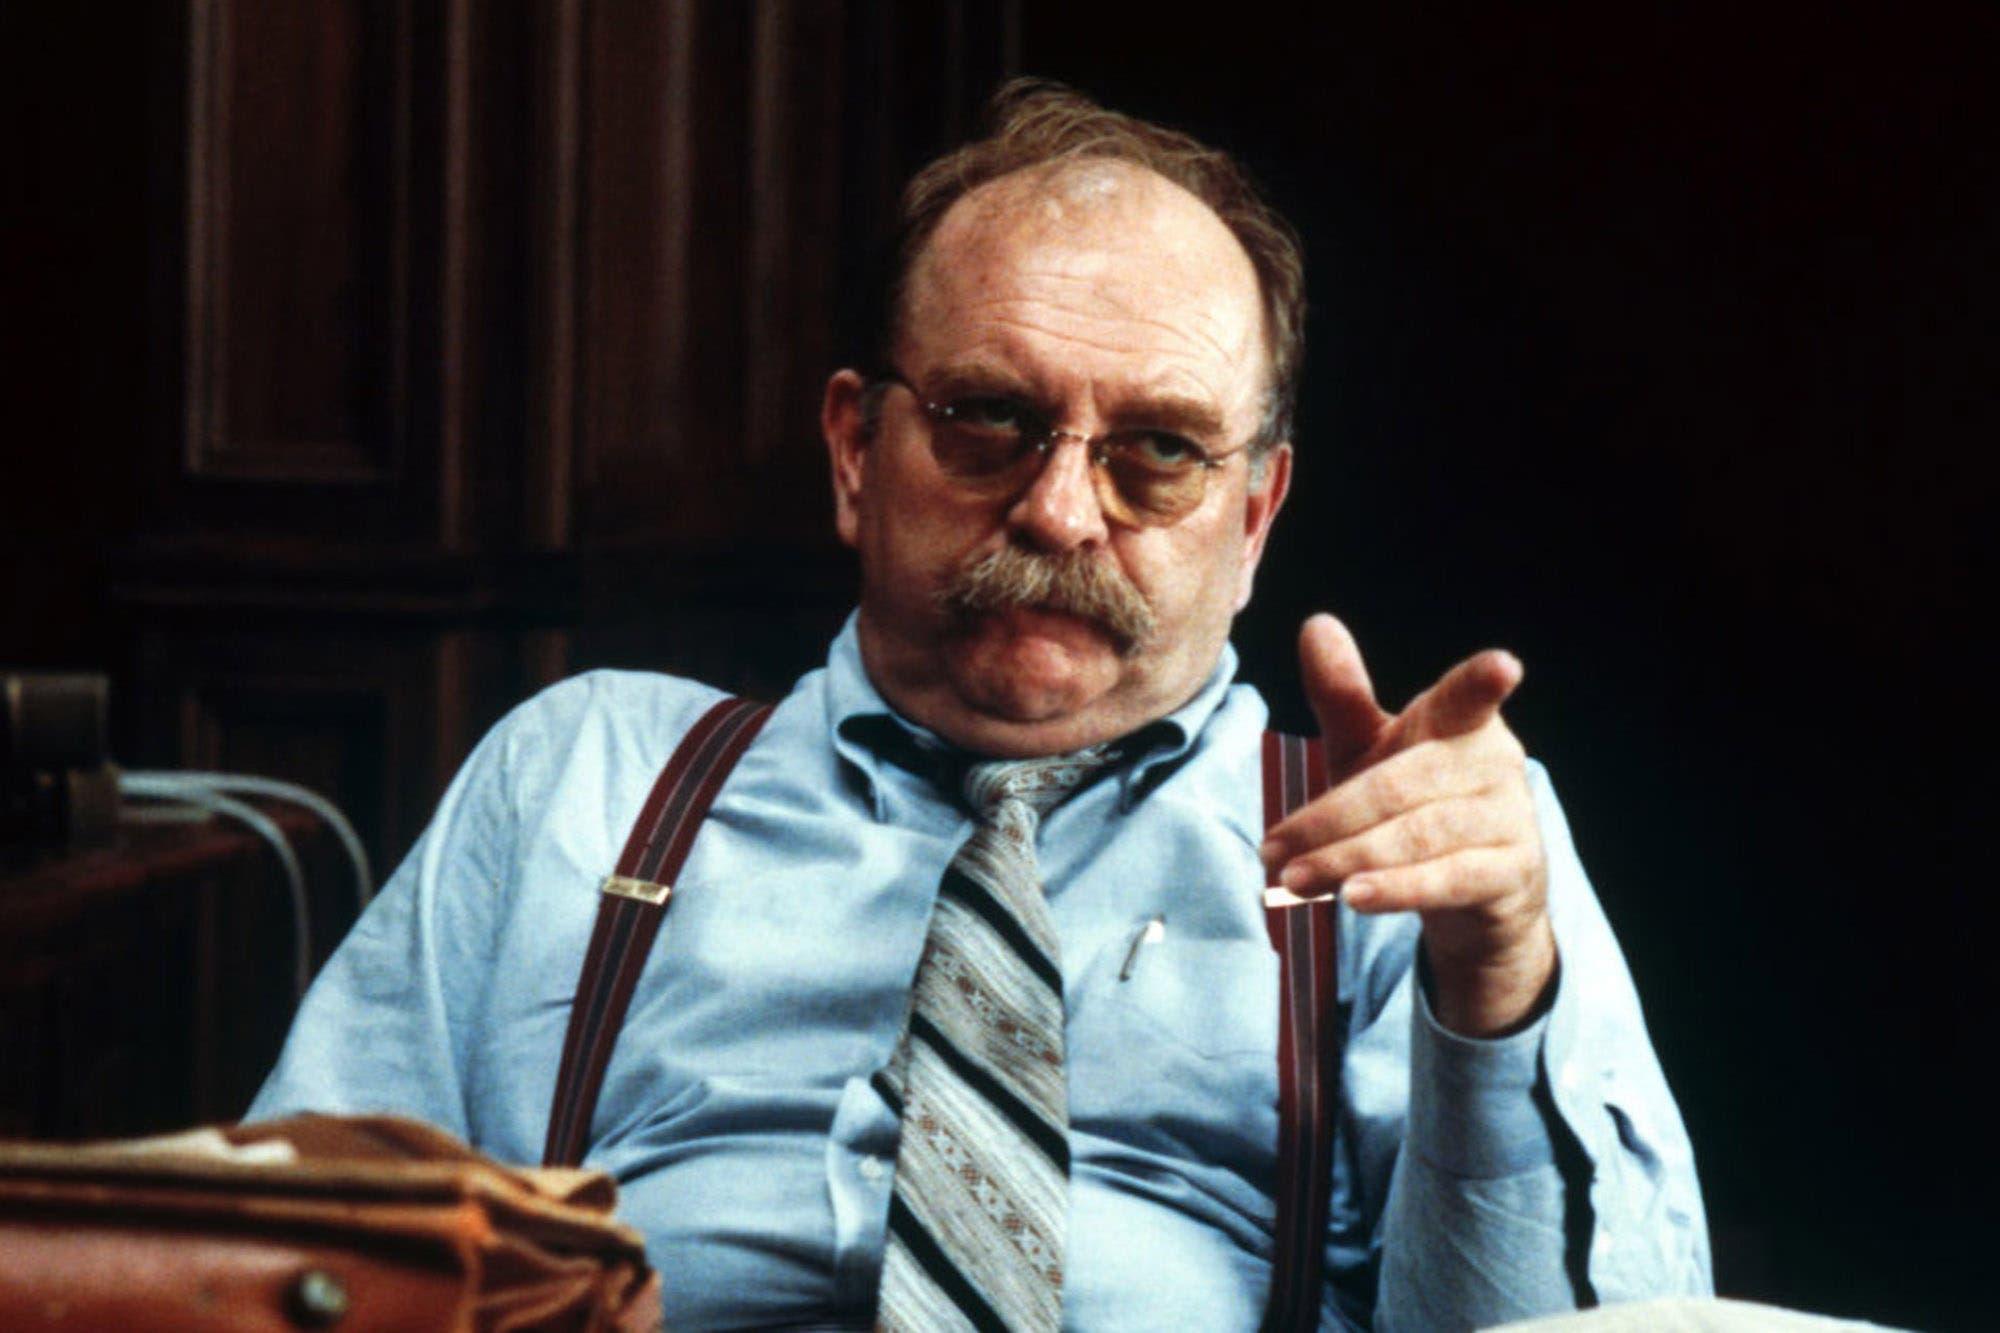 Murió Wilford Brimley, el actor que fue el abuelo de todos en el cine y la TV